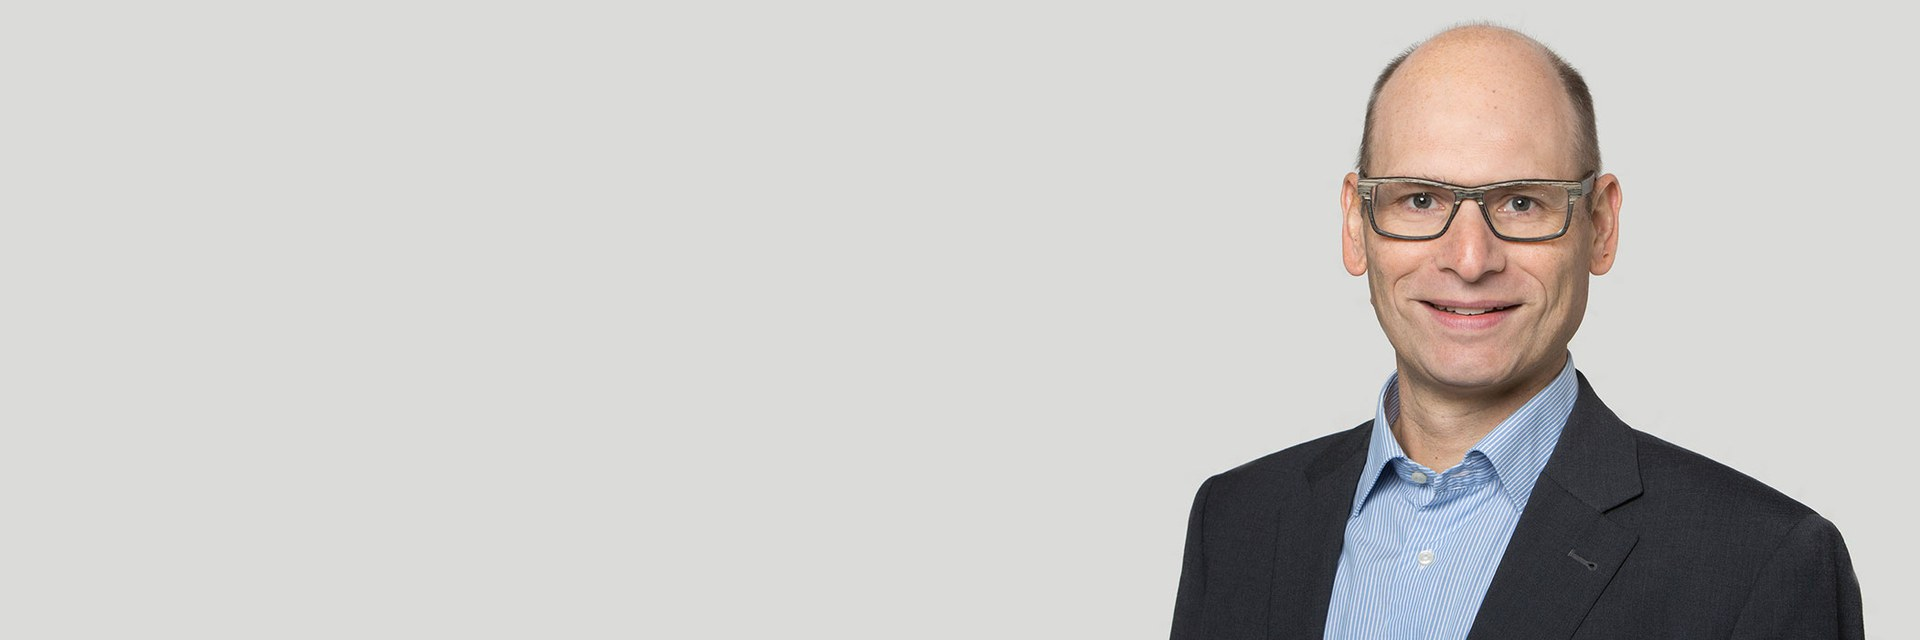 Prof. Dr. Christian E. Weber